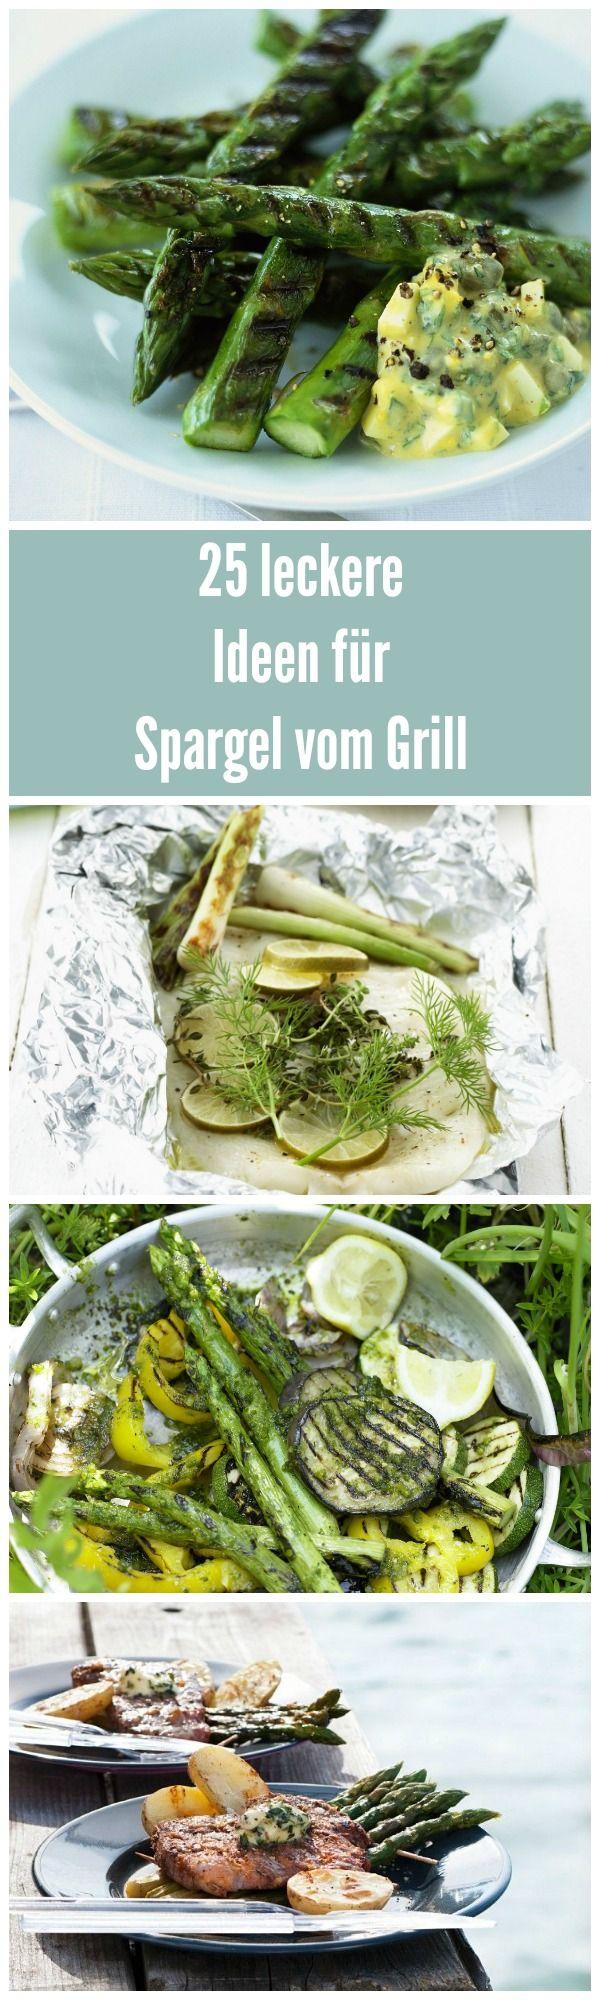 Spargel vom Grill – Habt ihr das schon mal ausprobiert? Ab jetzt läuft kein Grillabend mehr ohne Spargel! Soooooo lecker!!!!